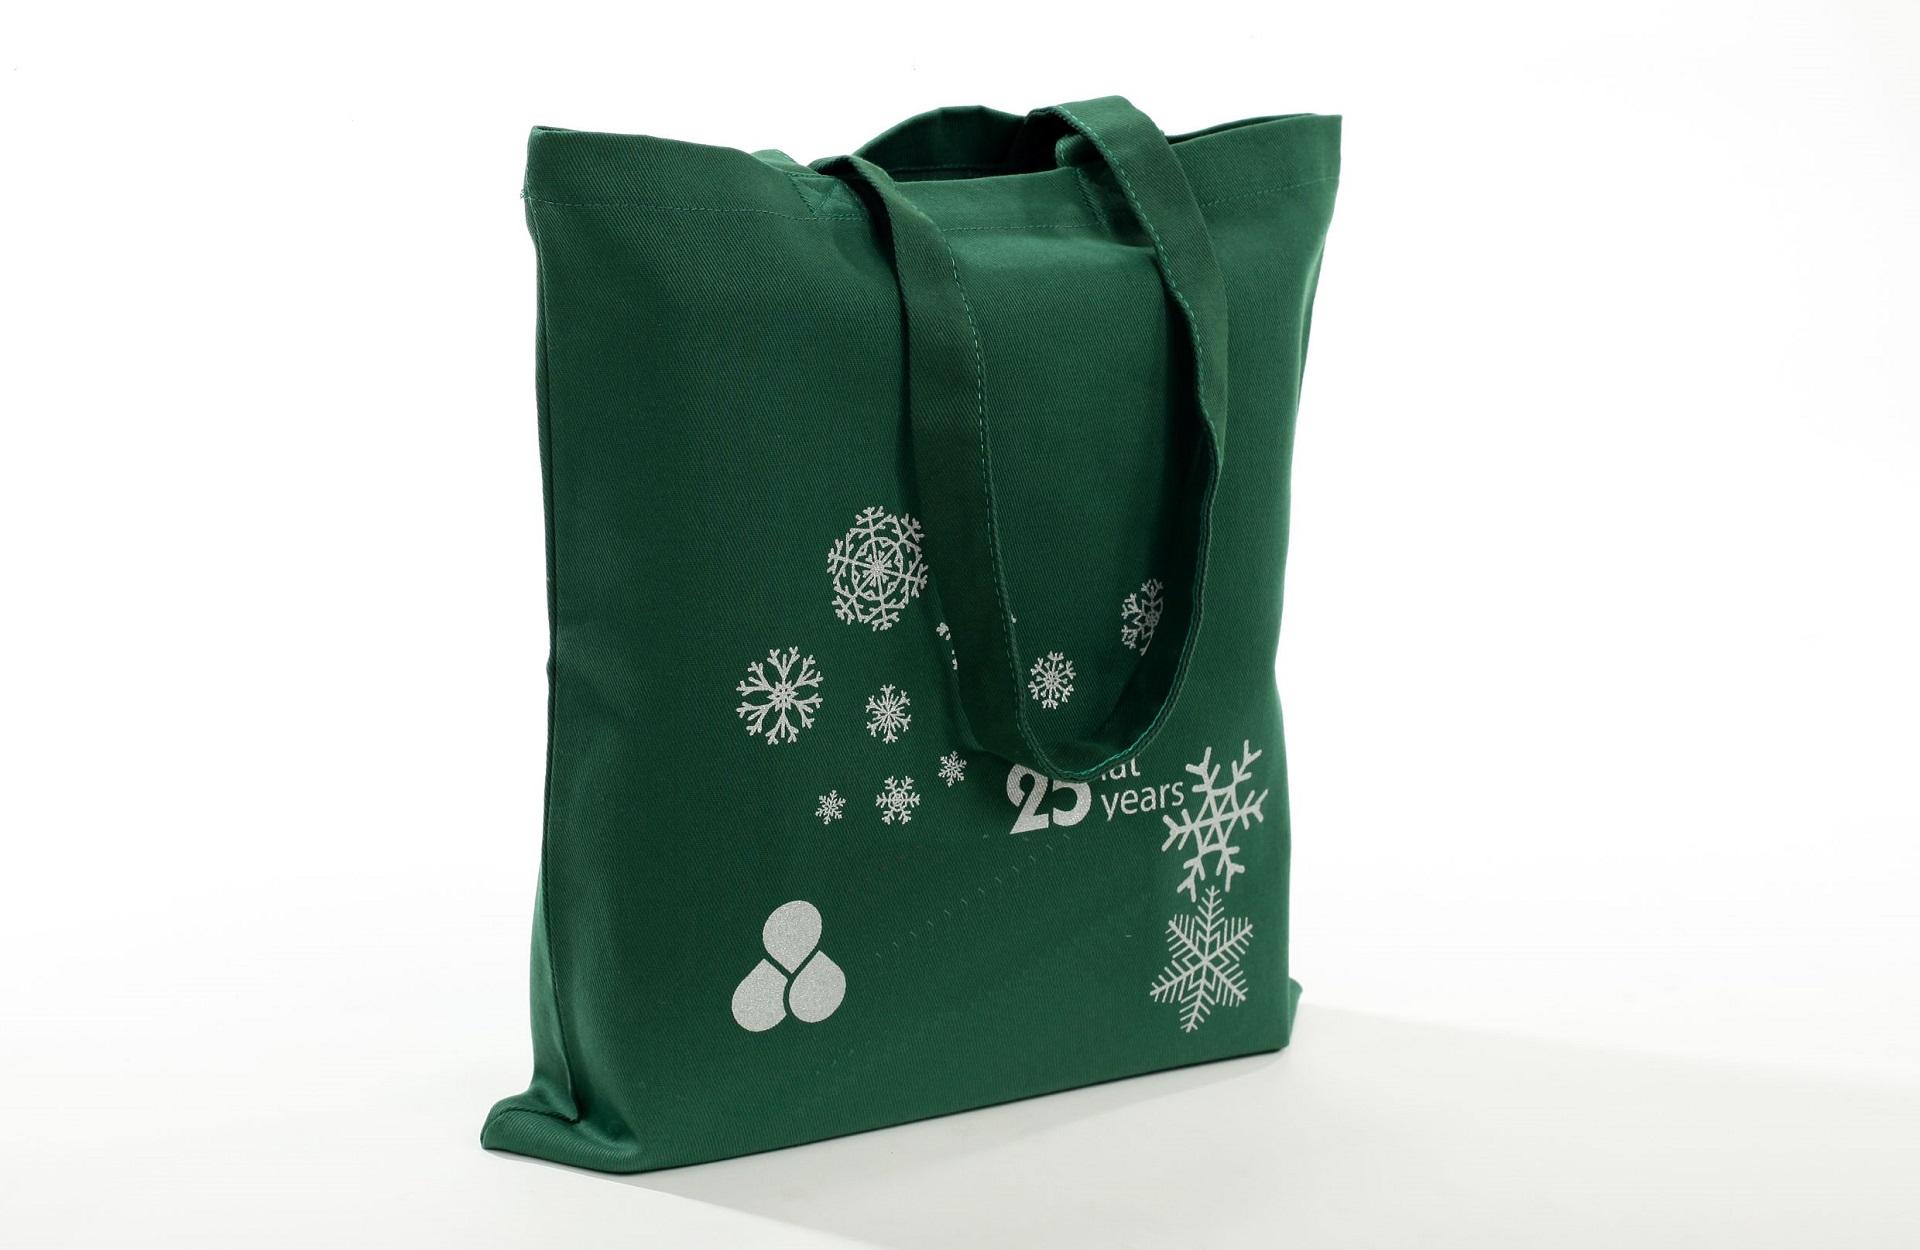 torby bawełniane z nadrukiem łódź (2)